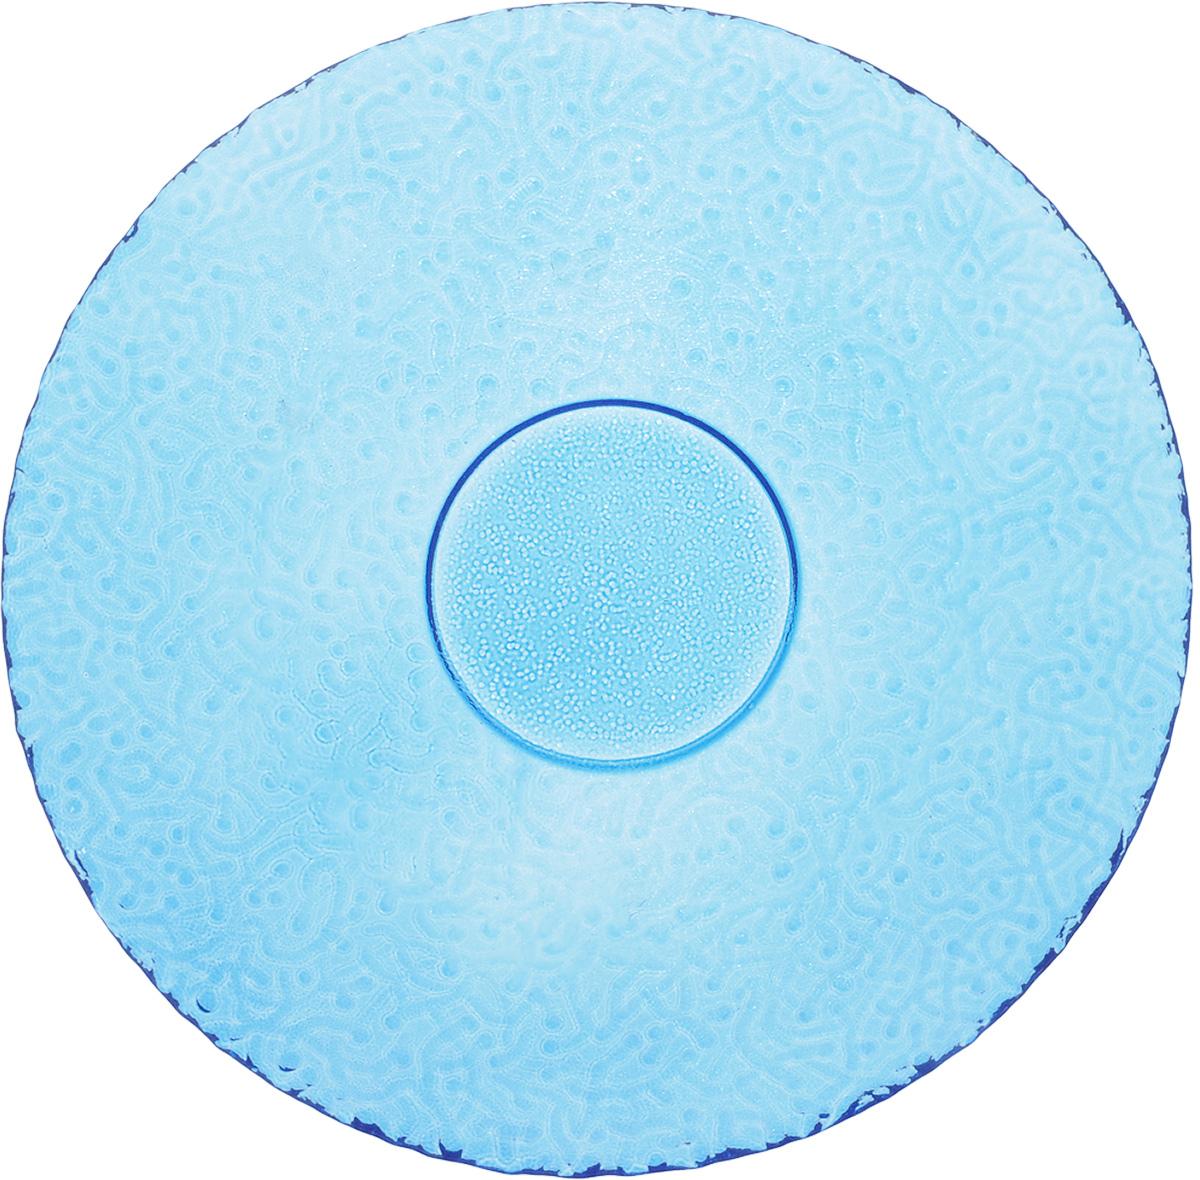 Тарелка NiNaGlass Ажур, цвет: голубой, диаметр 21 см83-070-Ф210_голубойТарелка NiNaGlass Ажур выполнена из высококачественного стекла и имеет рельефную поверхность. Она прекрасно впишется в интерьер вашей кухни и станет достойным дополнением к кухонному инвентарю. Тарелка NiNaGlass Ажур подчеркнет прекрасный вкус хозяйки и станет отличным подарком. Диаметр тарелки: 21 см. Высота: 2,5 см.